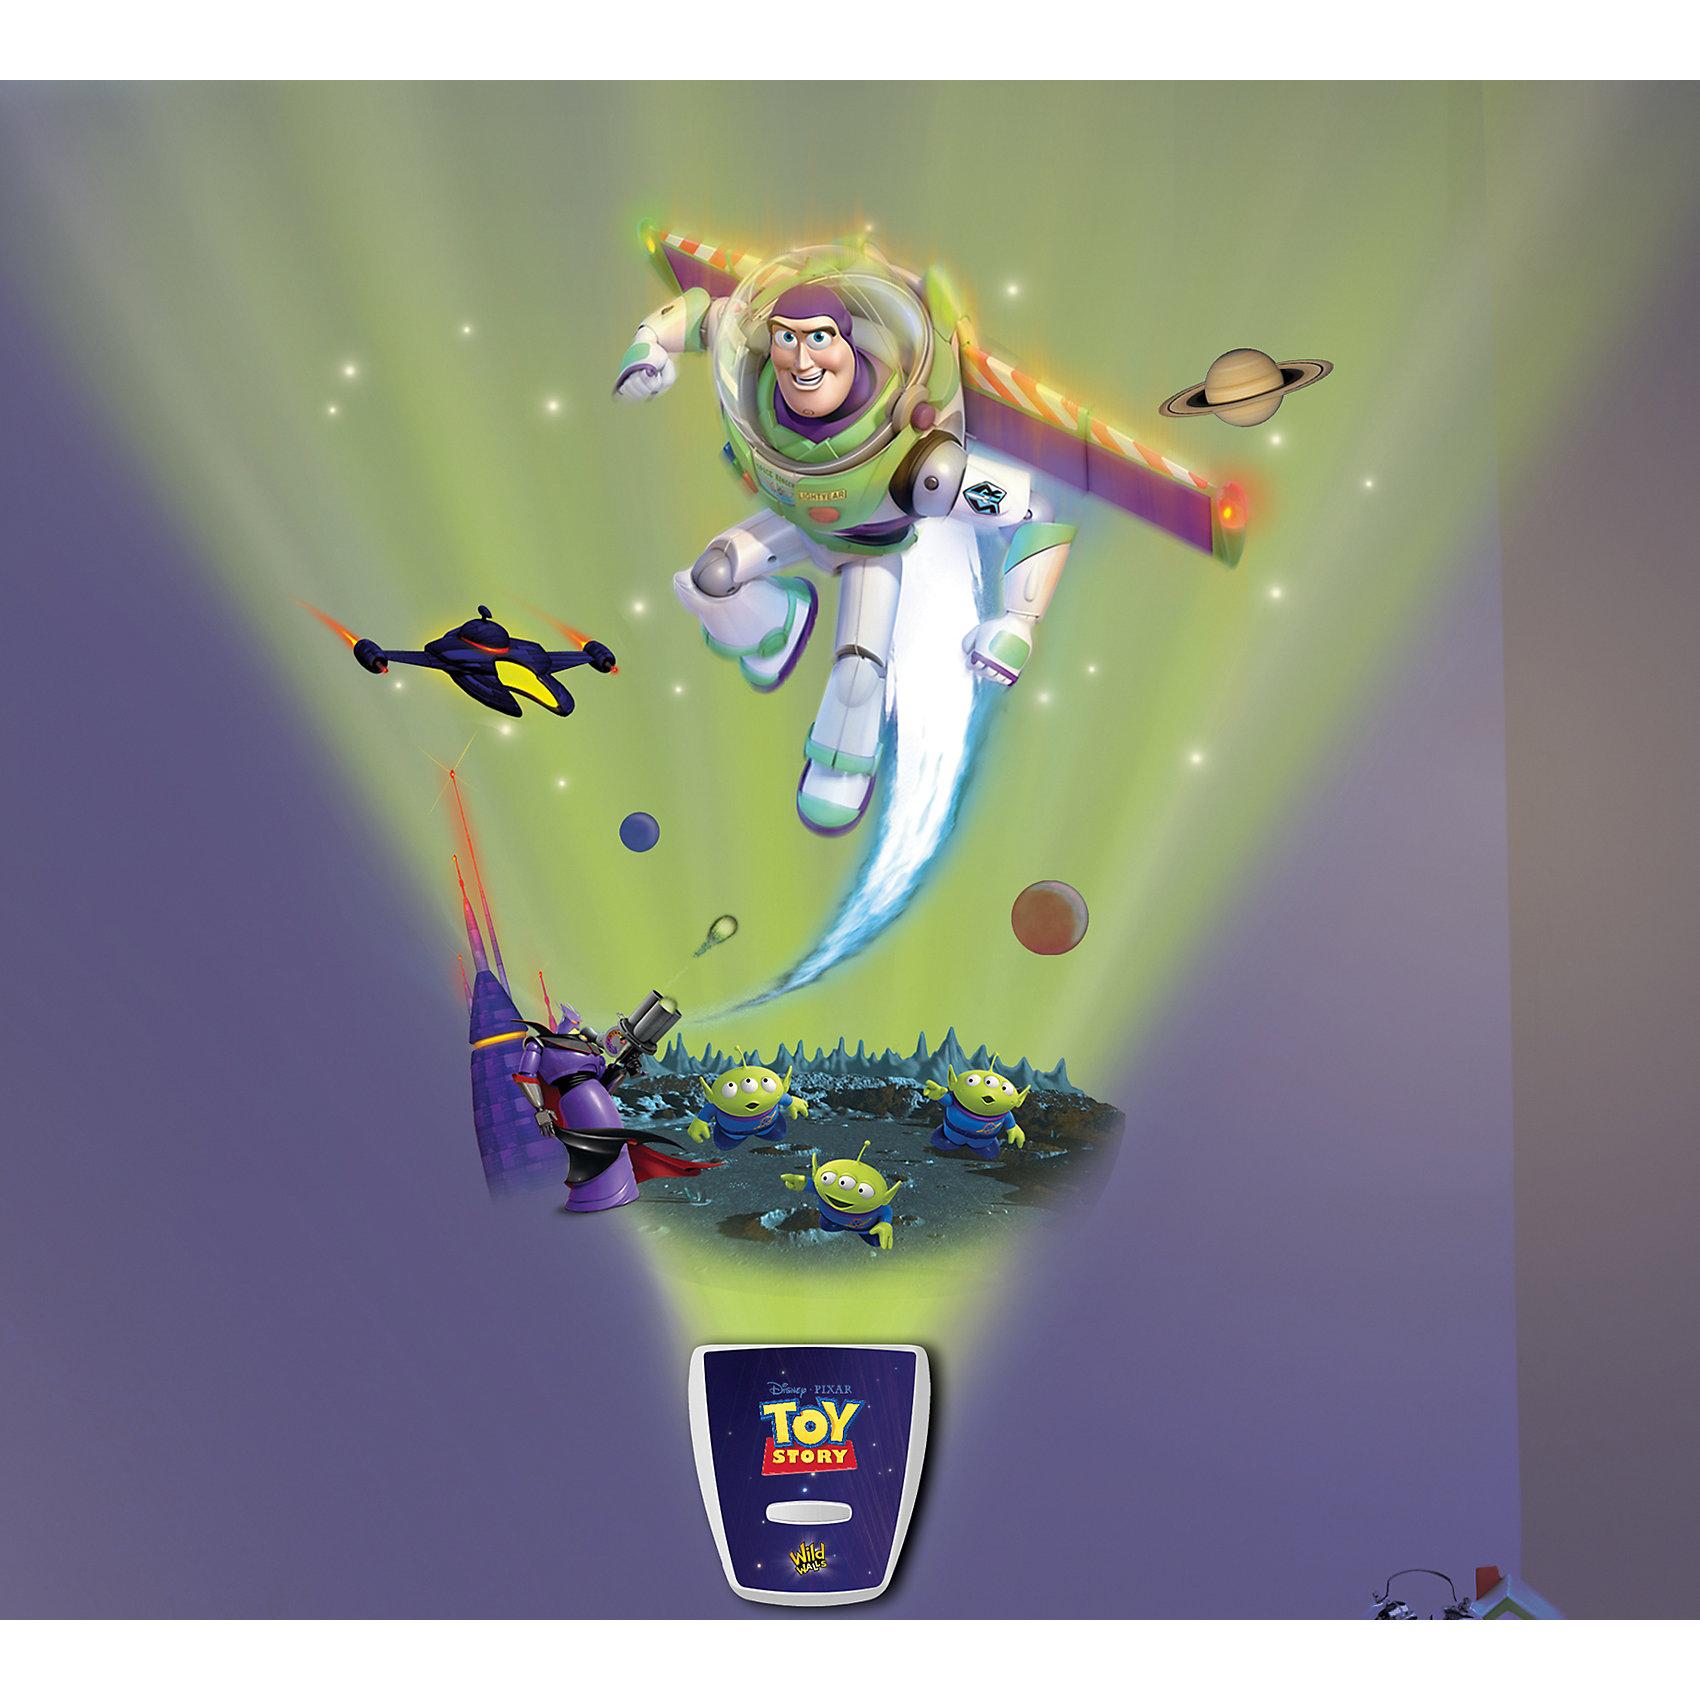 Настенный проектор История игрушек. Звездная командаЛампы, ночники, фонарики<br>Настенный проектор История игрушек. Звездная команда – это светильник-проектор с реалистичными звуковыми и световыми эффектами.<br>Настенный проектор, изображающий сцену из мультфильма История игрушек с Баззом Лайтером, украсит детскую комнату и сможет заменить ночник! Проектор состоит из двух частей: активатора и многоразовых наклеек. Красочные наклейки можно размещать многократно в разных комбинациях на стене комнаты. Для достижения четкого и яркого изображения необходимо закрепить активатор на расстоянии 1-1,5 метра от пола и создать в комнате полную темноту. Активатор не только осветит небольшой участок помещения, но и с помощью световых и звуковых эффектов, имитирующих звездное сияние и космические звуки, и визуального видения лидера игрушек Базза Лайтера, позволит погрузиться в атмосферу любимого мультфильма. Можно включить режим свечения со звуком или режим свечения без звука (переключаются вручную кнопкой). Отключаться проектор может автоматически после 5, 10 или 20 минут непрерывной работы.<br><br>Дополнительная информация:<br><br>- Возраст: 5+<br>- В комплекте: активатор, красочные наклейки, инструкция<br>- Диаметр светового эффекта: 6 м?<br>- Длина самой большой наклейки: 47 см.<br>- Батарейки: 3 типа АА (входят в комплект)<br>- Размер упаковки: 8х41х25 см.<br>- Вес: 600 гр.<br><br>Настенный проектор История игрушек. Звездная команда можно купить в нашем интернет-магазине.<br><br>Ширина мм: 8<br>Глубина мм: 41<br>Высота мм: 25<br>Вес г: 600<br>Возраст от месяцев: 60<br>Возраст до месяцев: 168<br>Пол: Унисекс<br>Возраст: Детский<br>SKU: 4639630